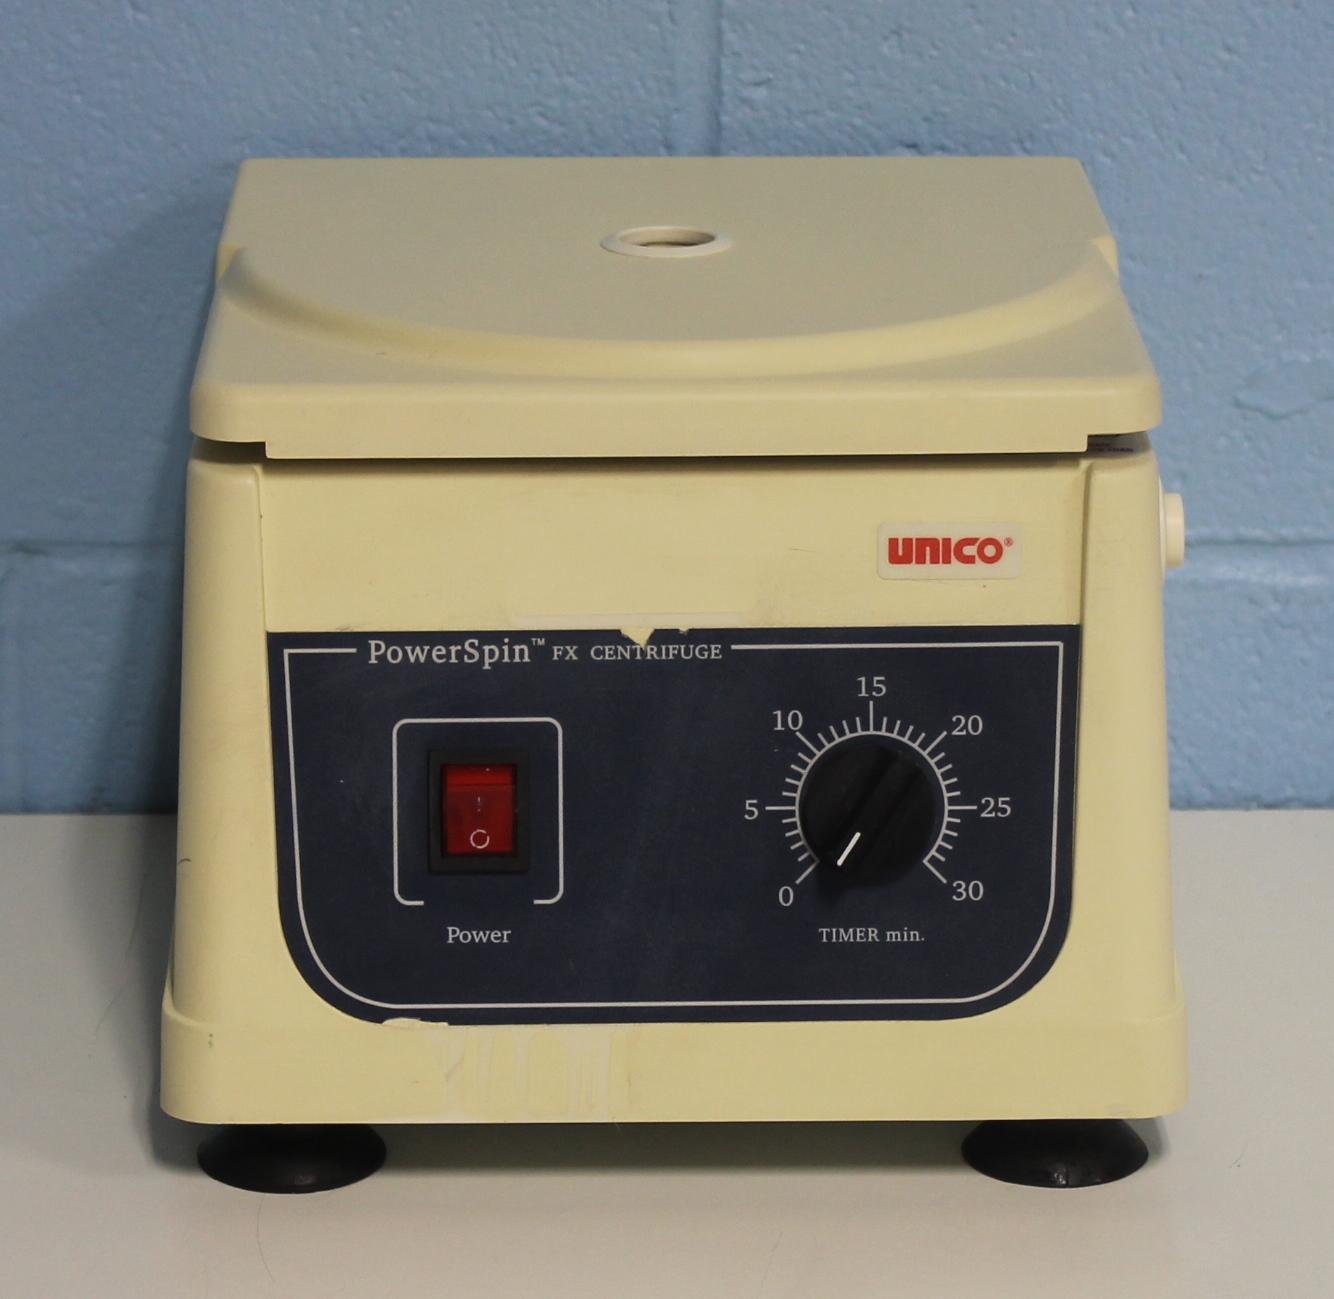 UNICO Powerspin C806 Fx Centrifuge  Image